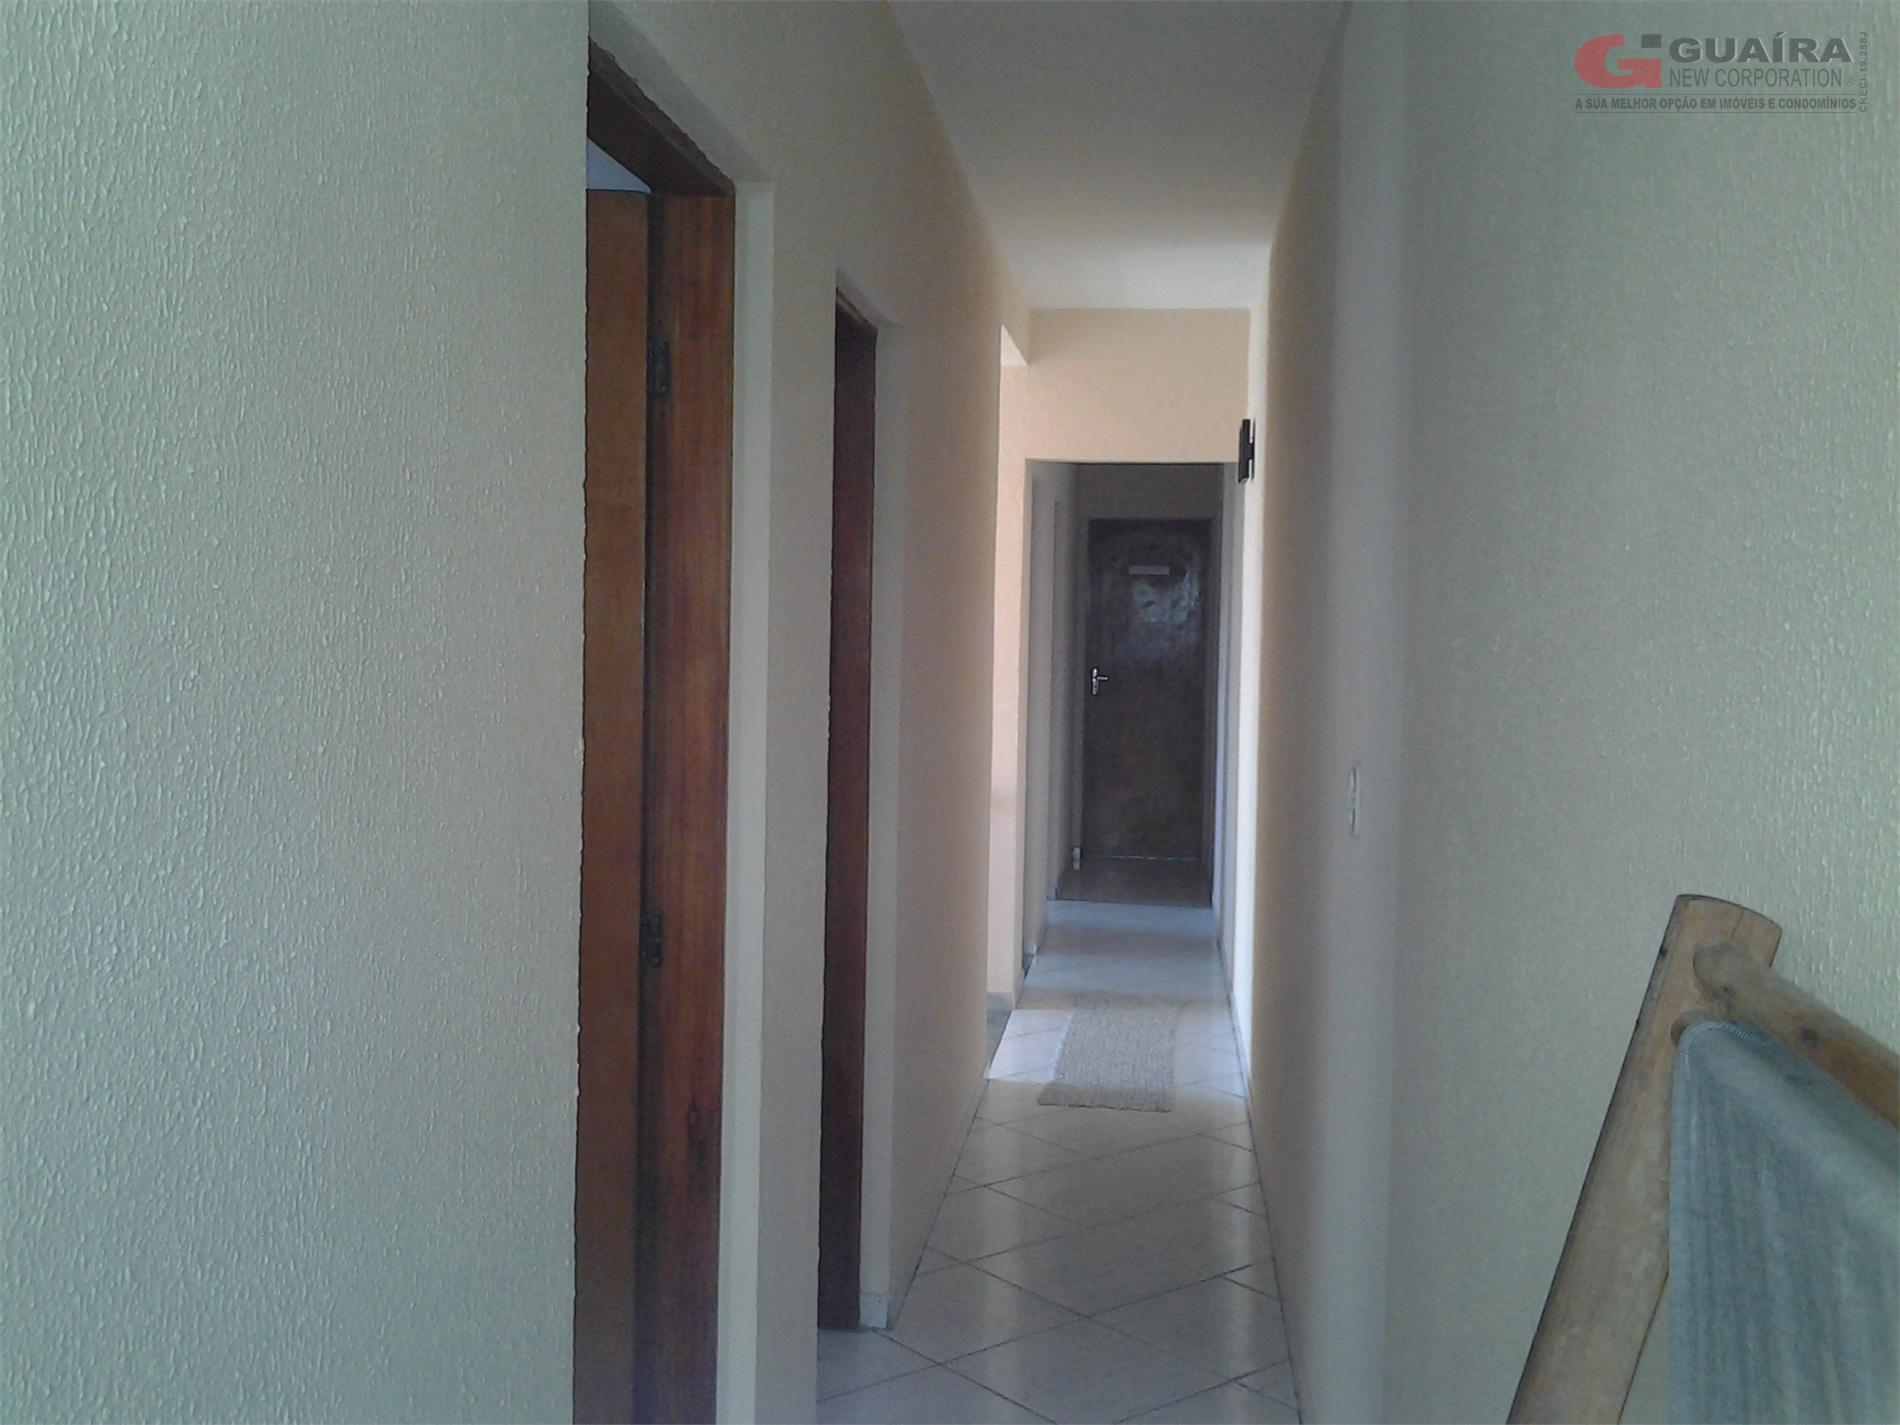 Sobrado de 4 dormitórios à venda em Taboão, Diadema - SP